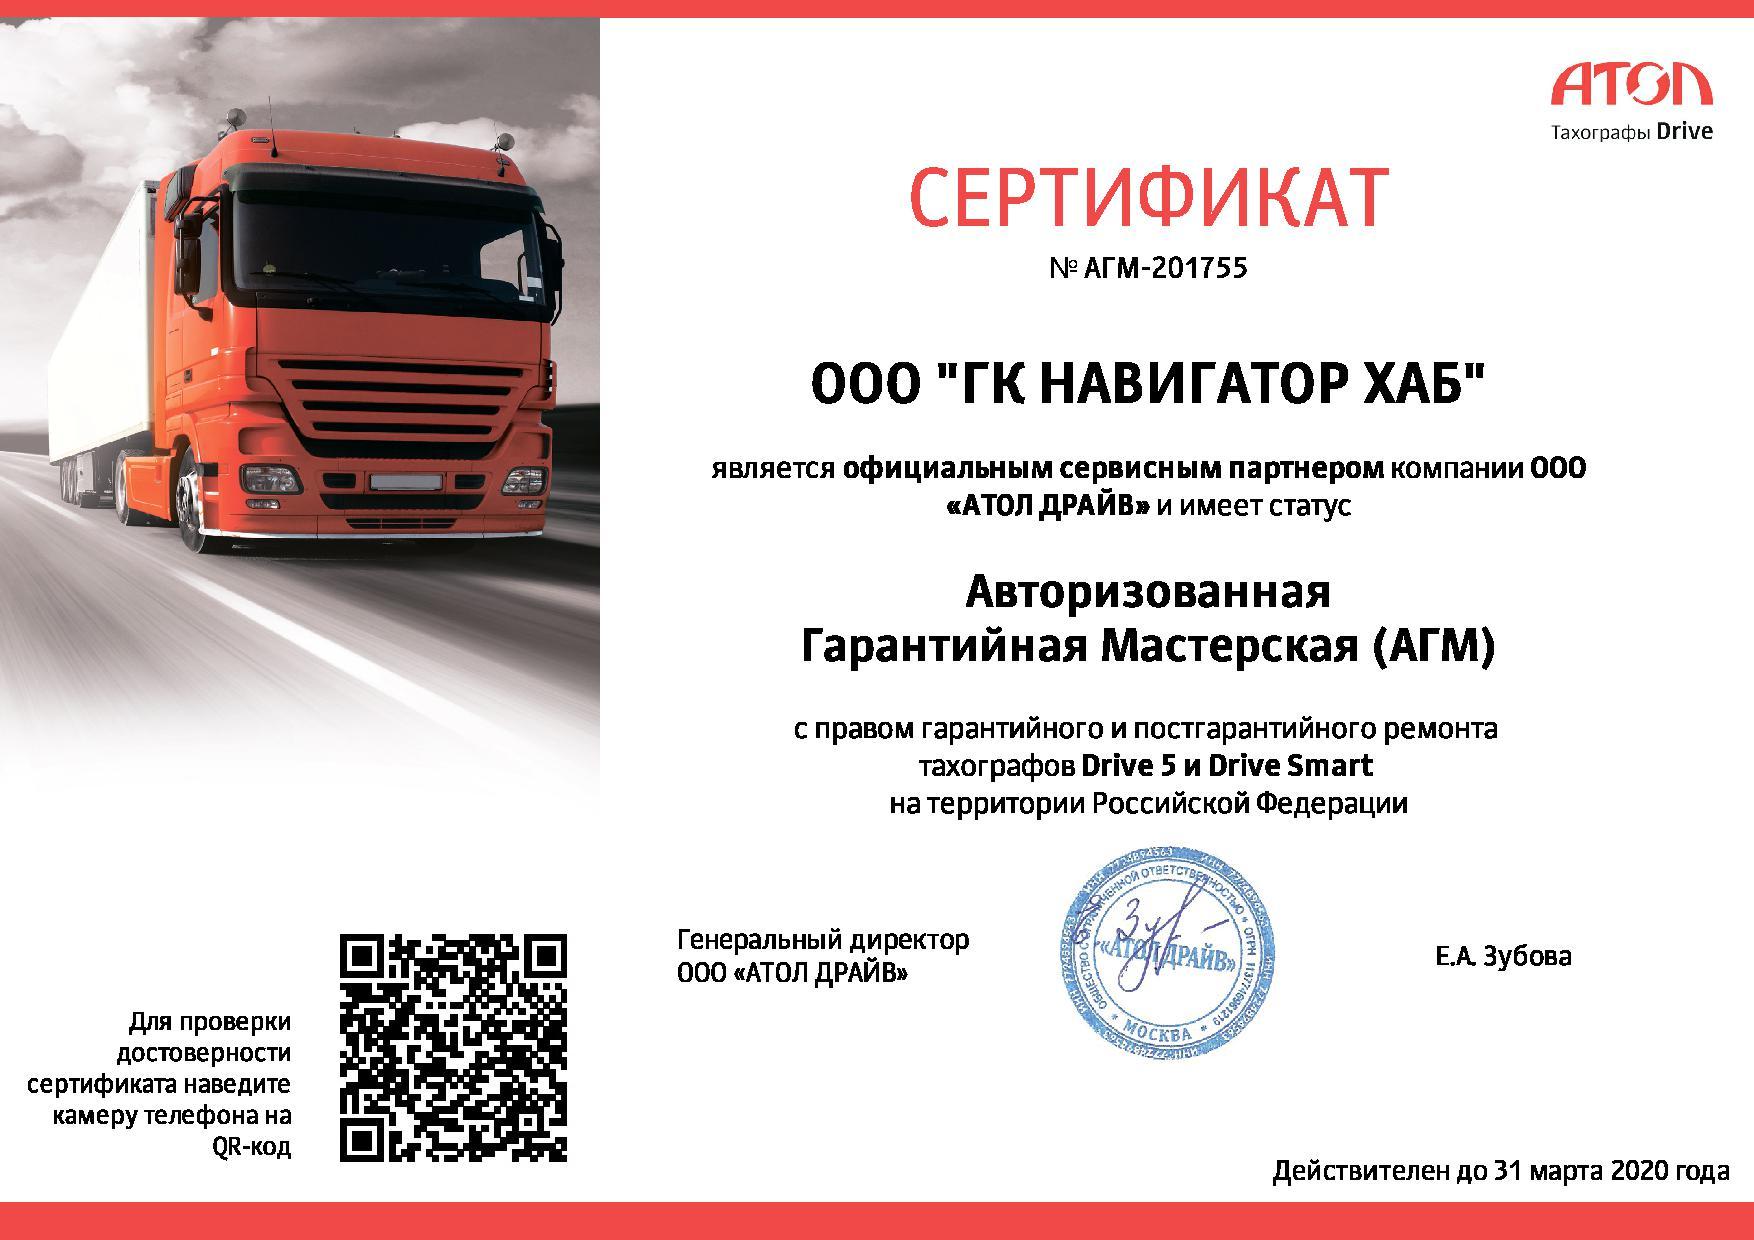 Сервисный центр АТОЛ Драйв